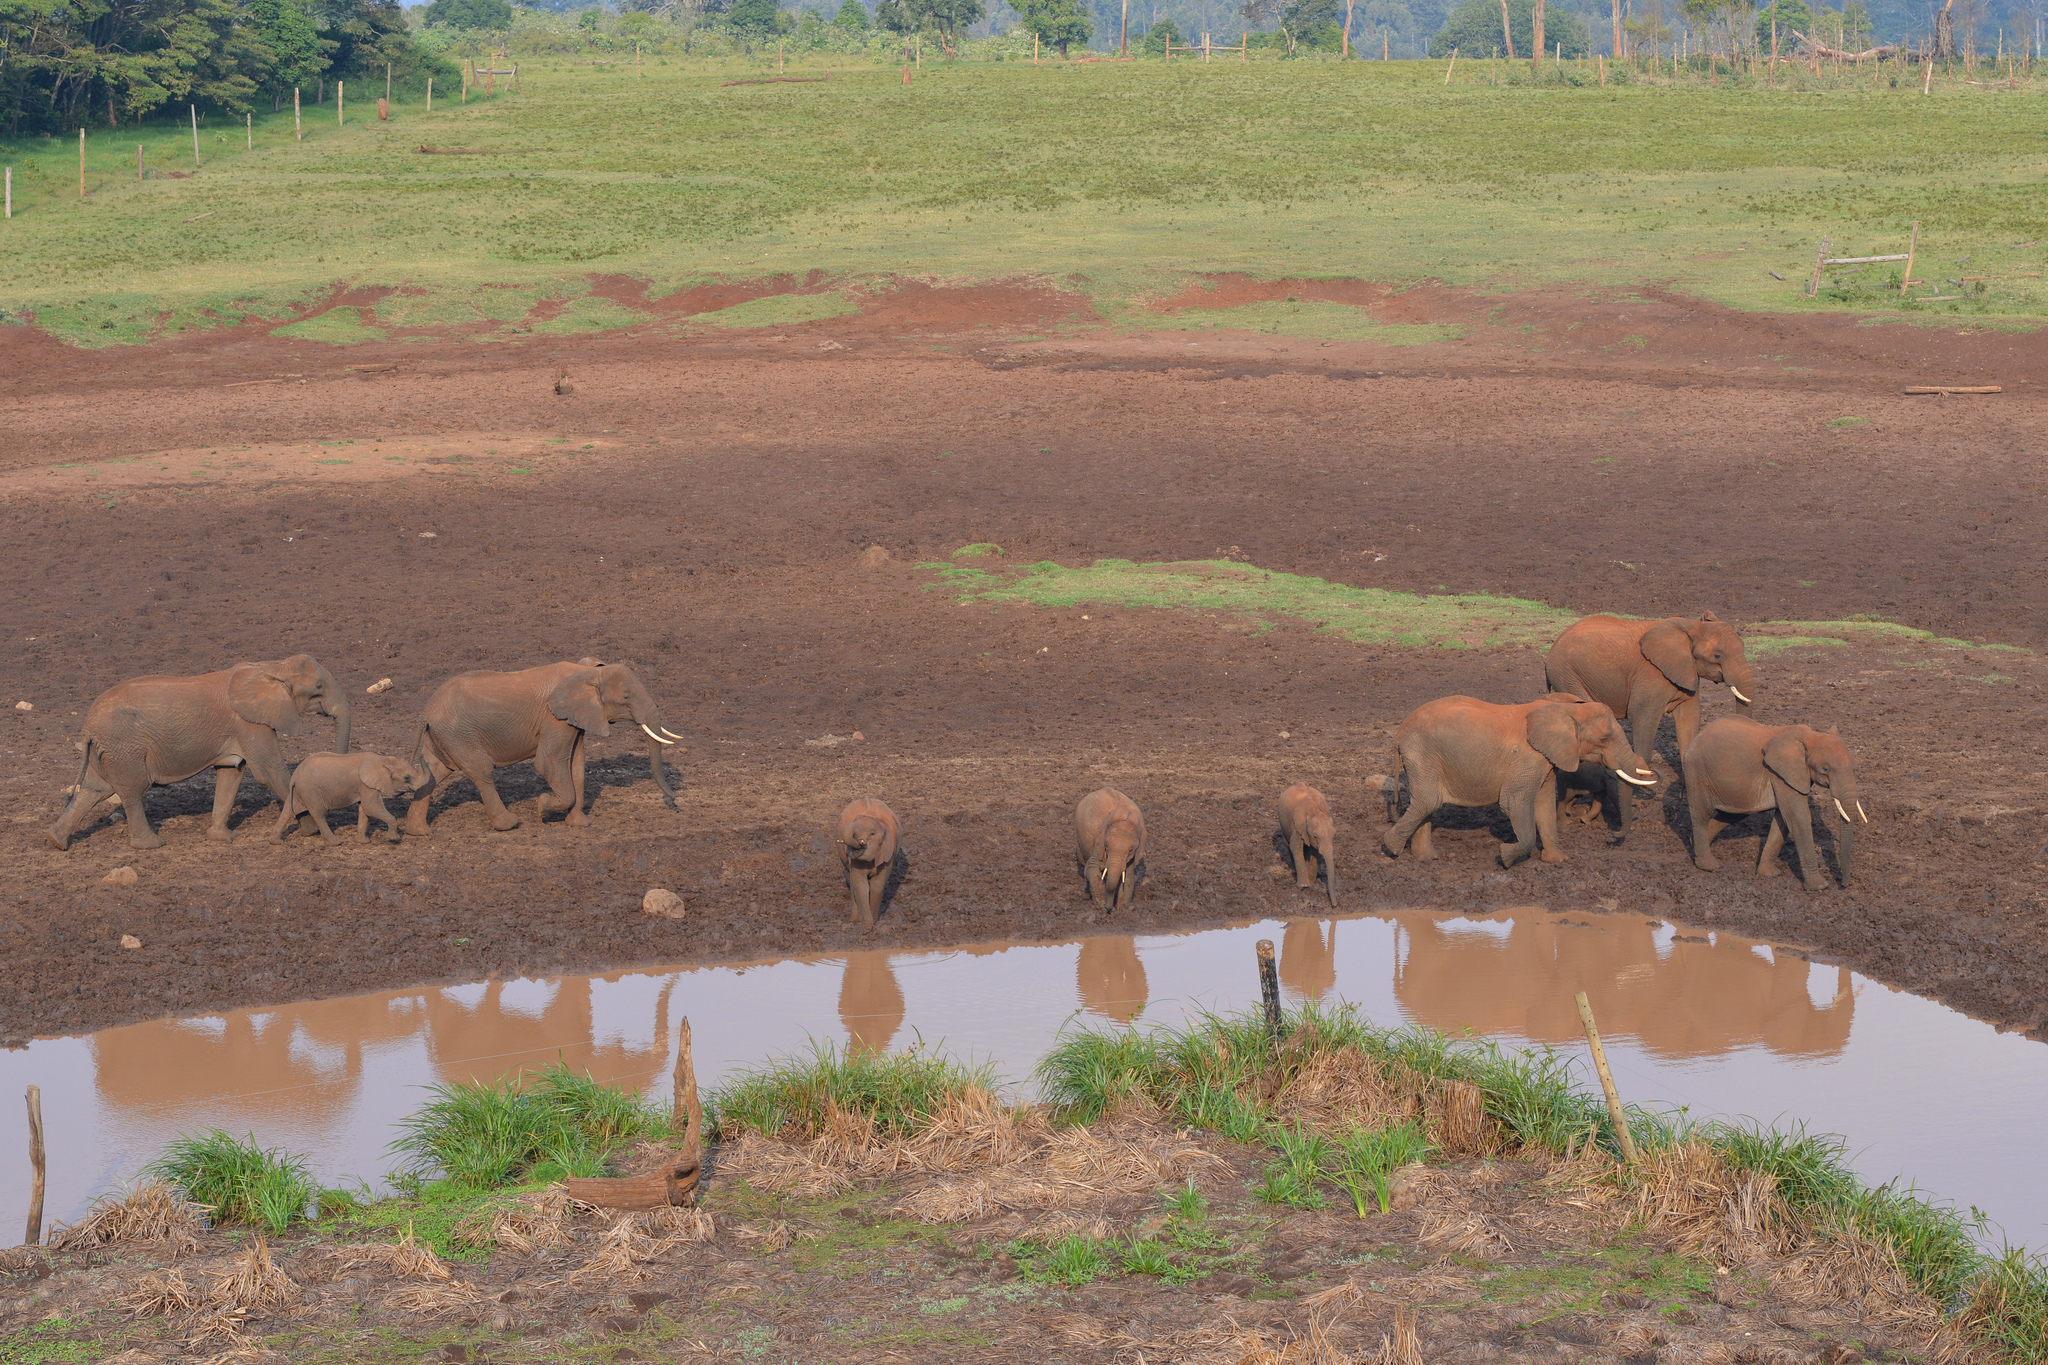 Elephants heading towards the water